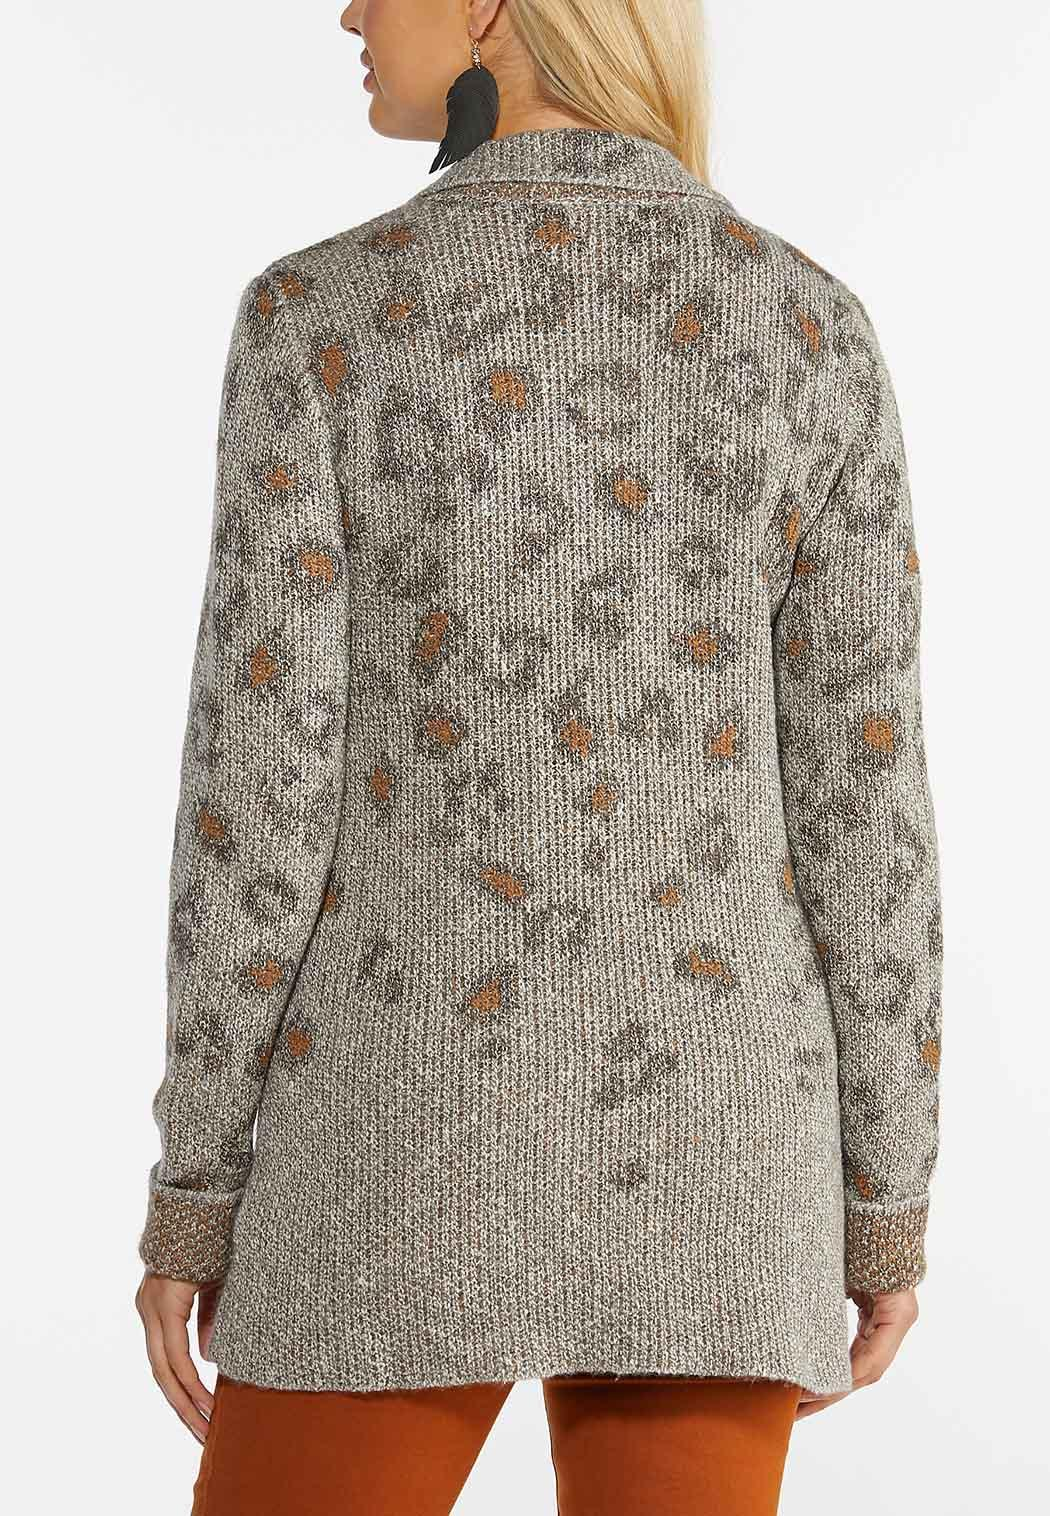 Plus Size Leopard Cardigan Sweater (Item #44386144)